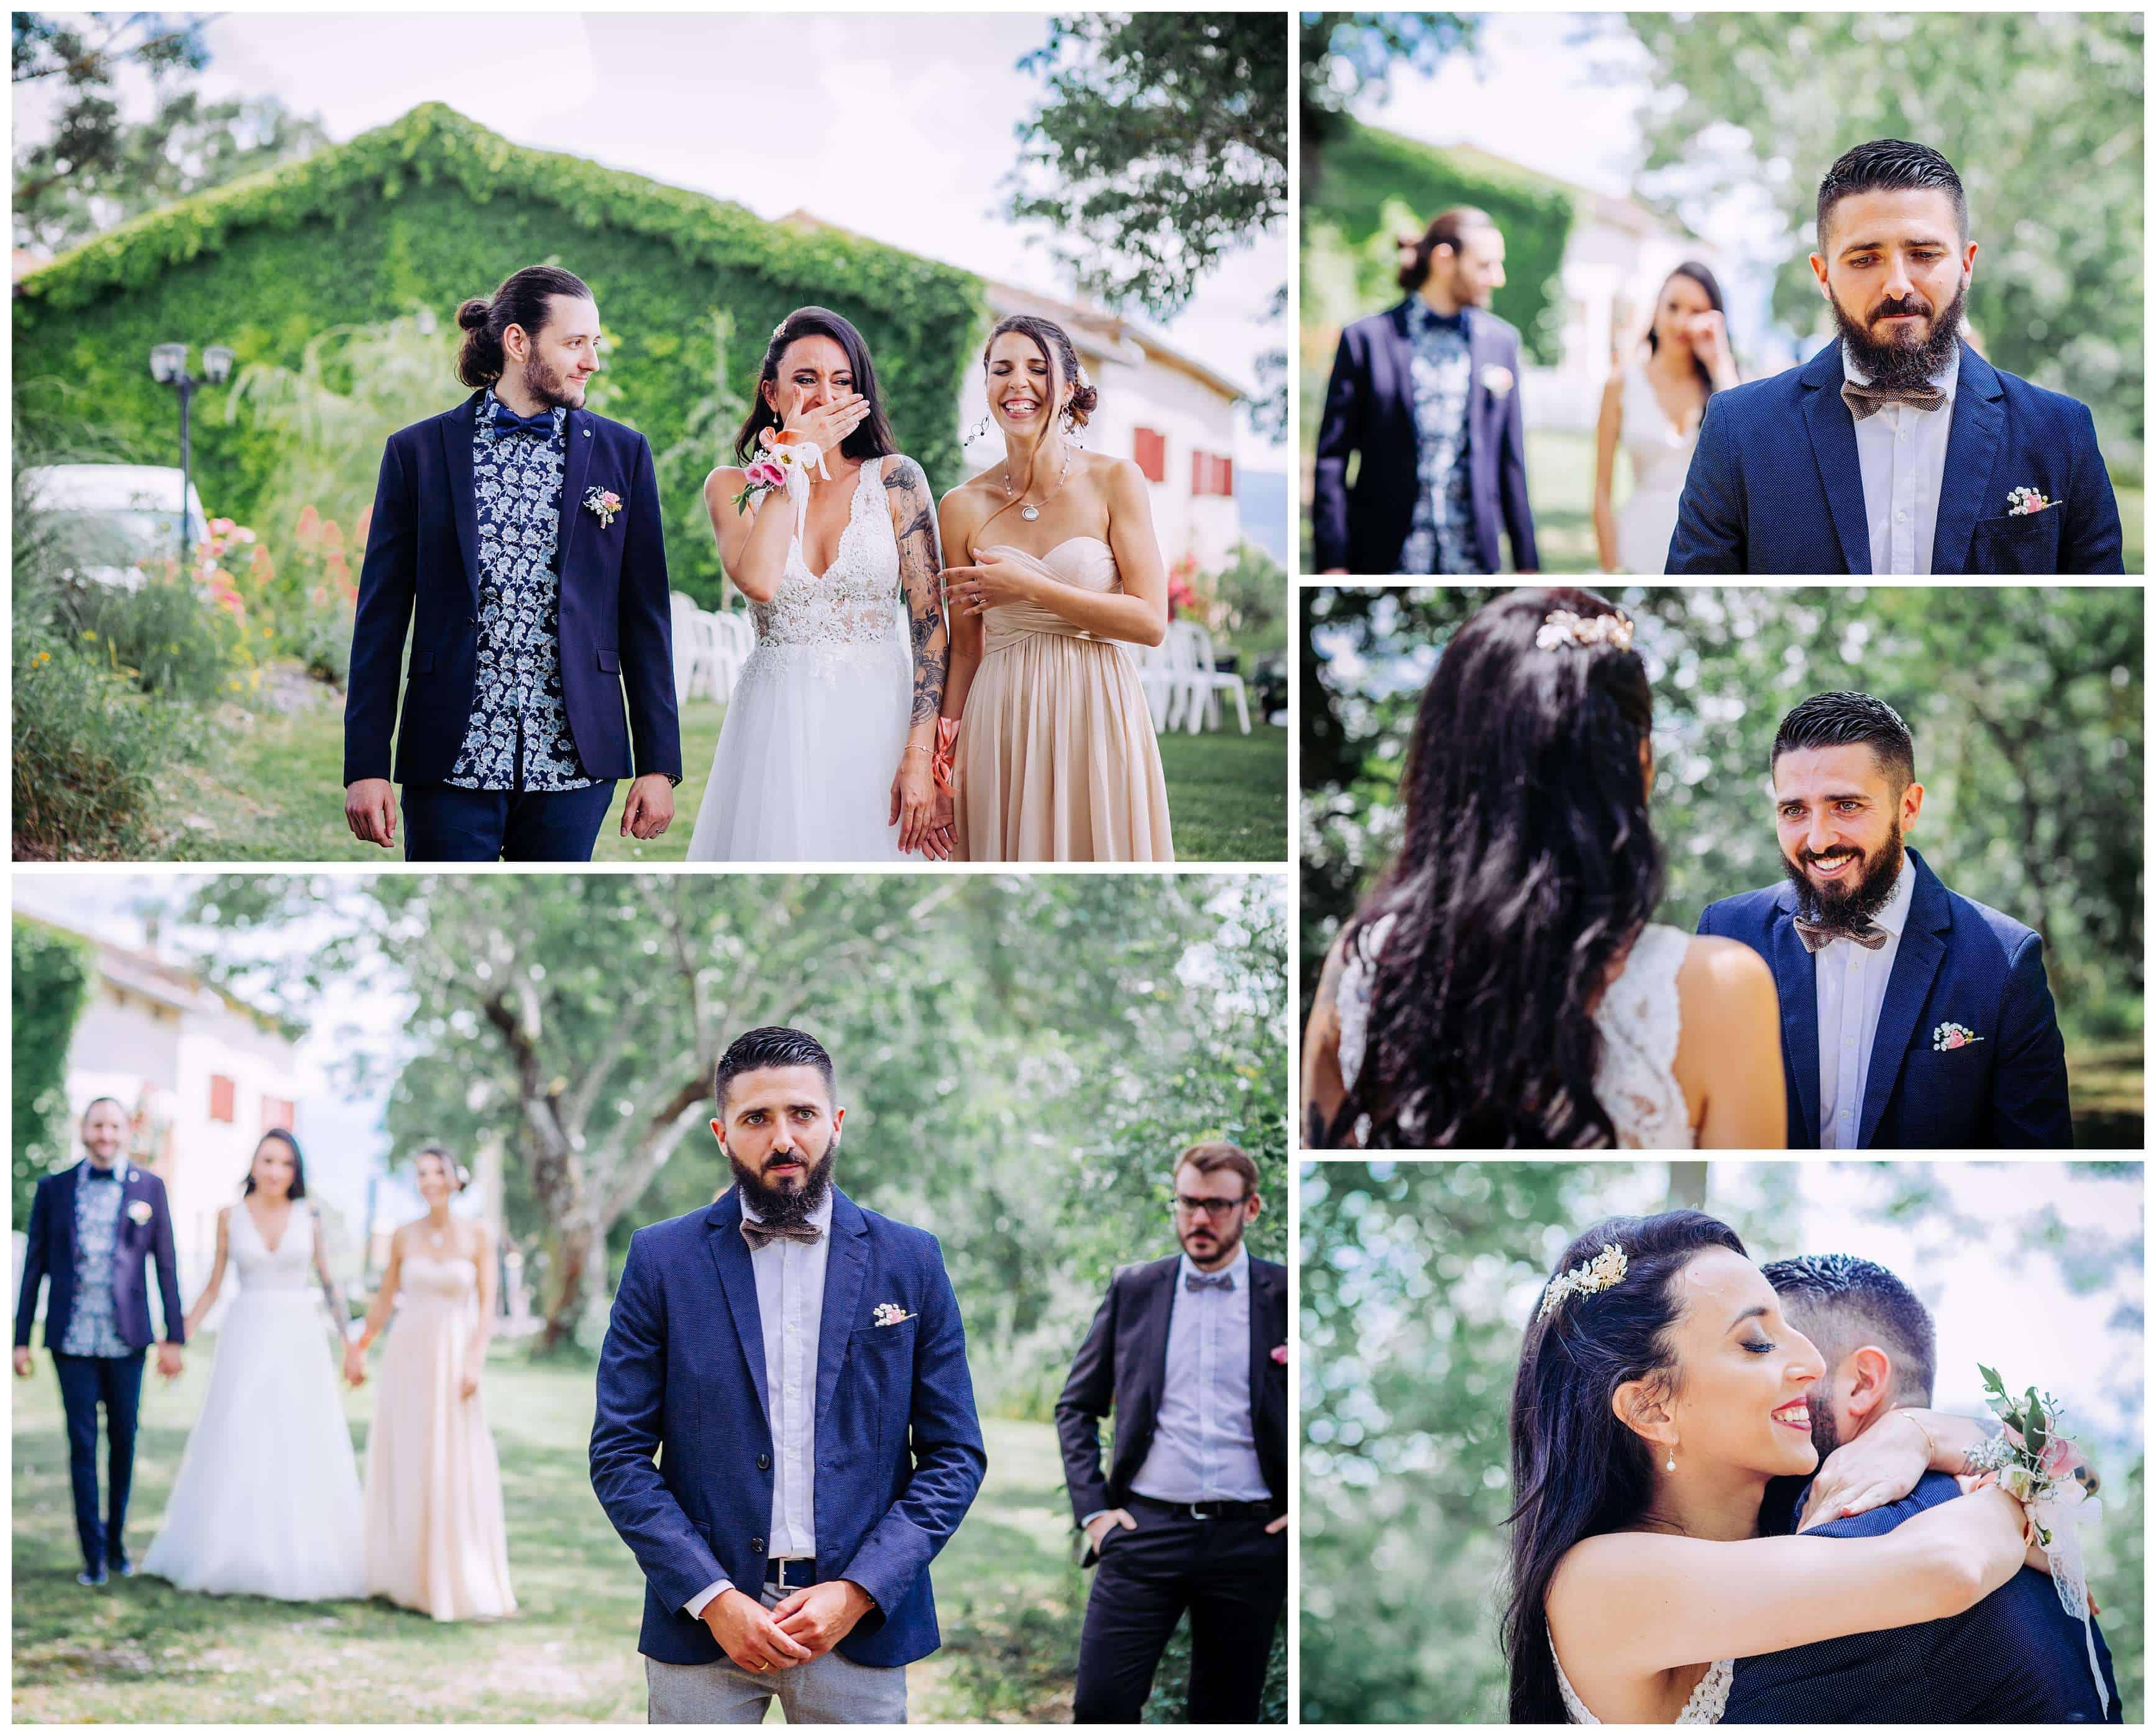 decouverte des mariés first look photographe 31